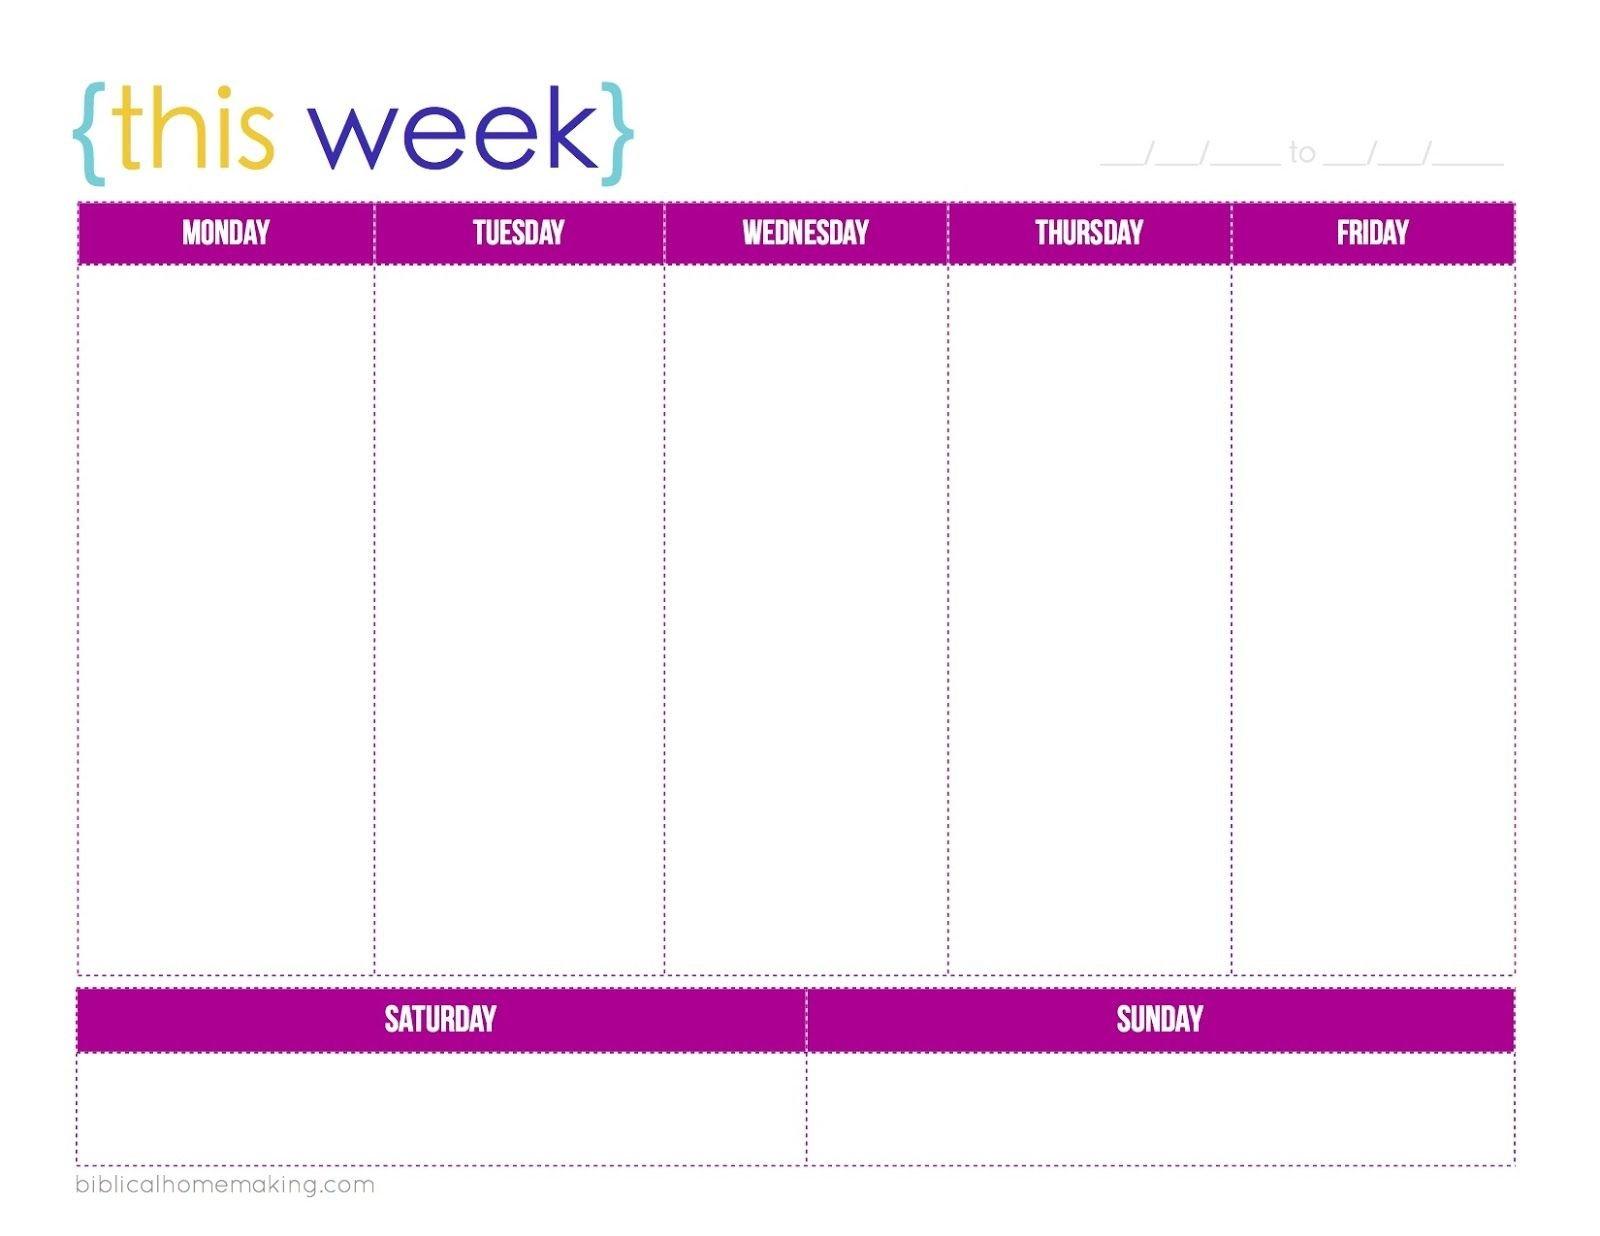 This Week A Free Weekly Planner Printable Biblical One Week Printable Calnedar